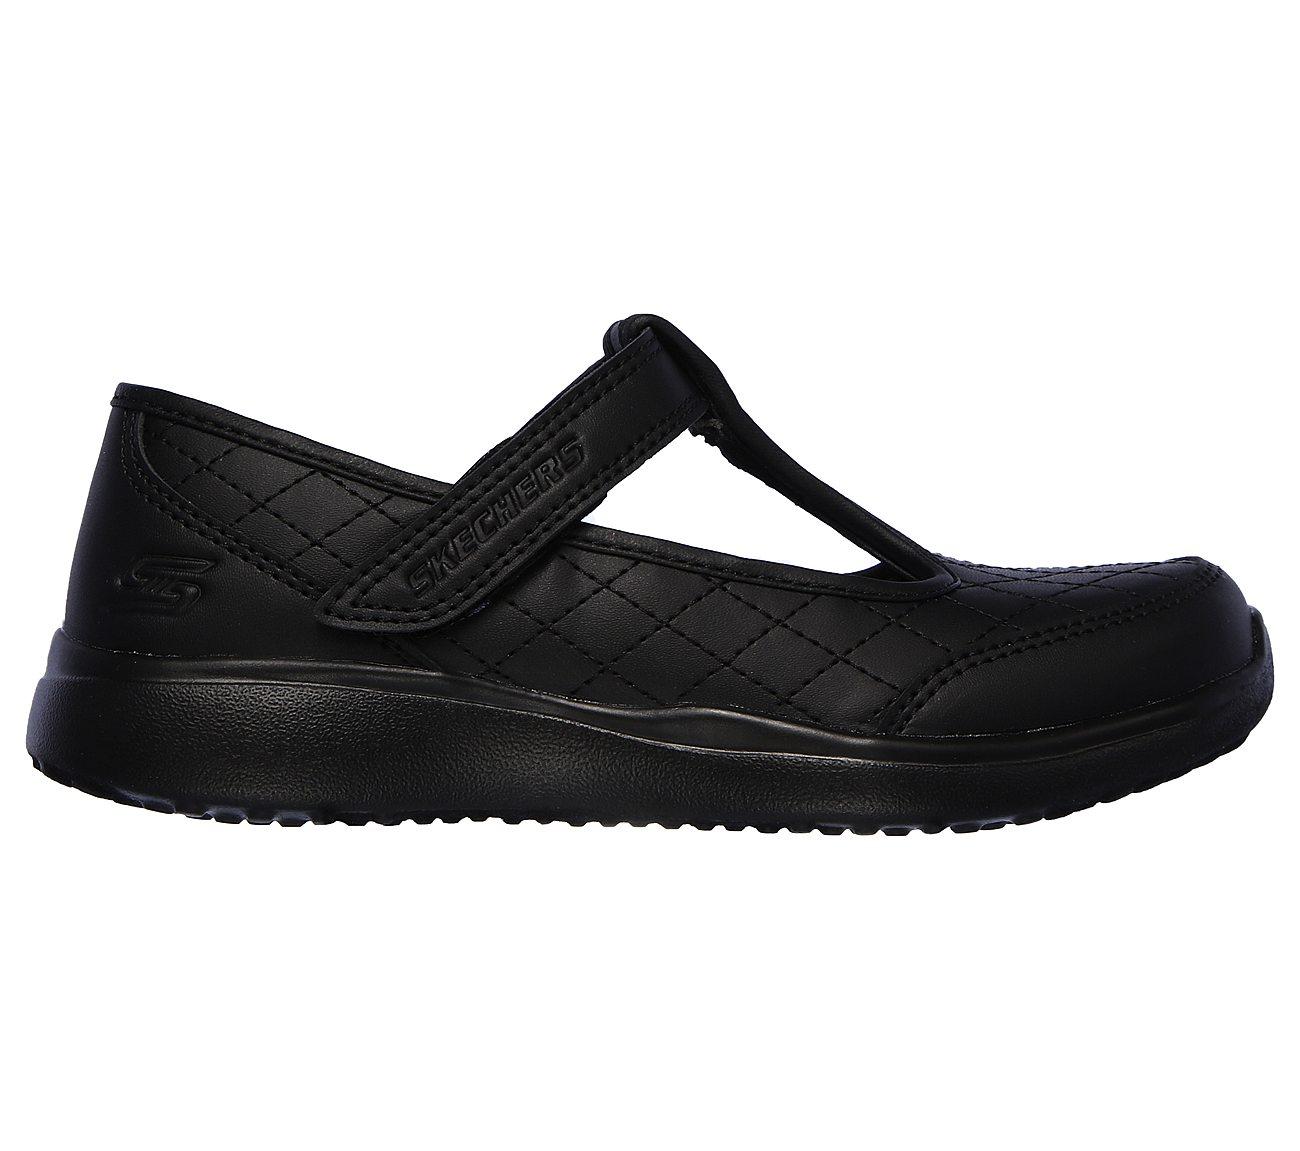 School Trendz SKECHERS Modern Comfort Shoes